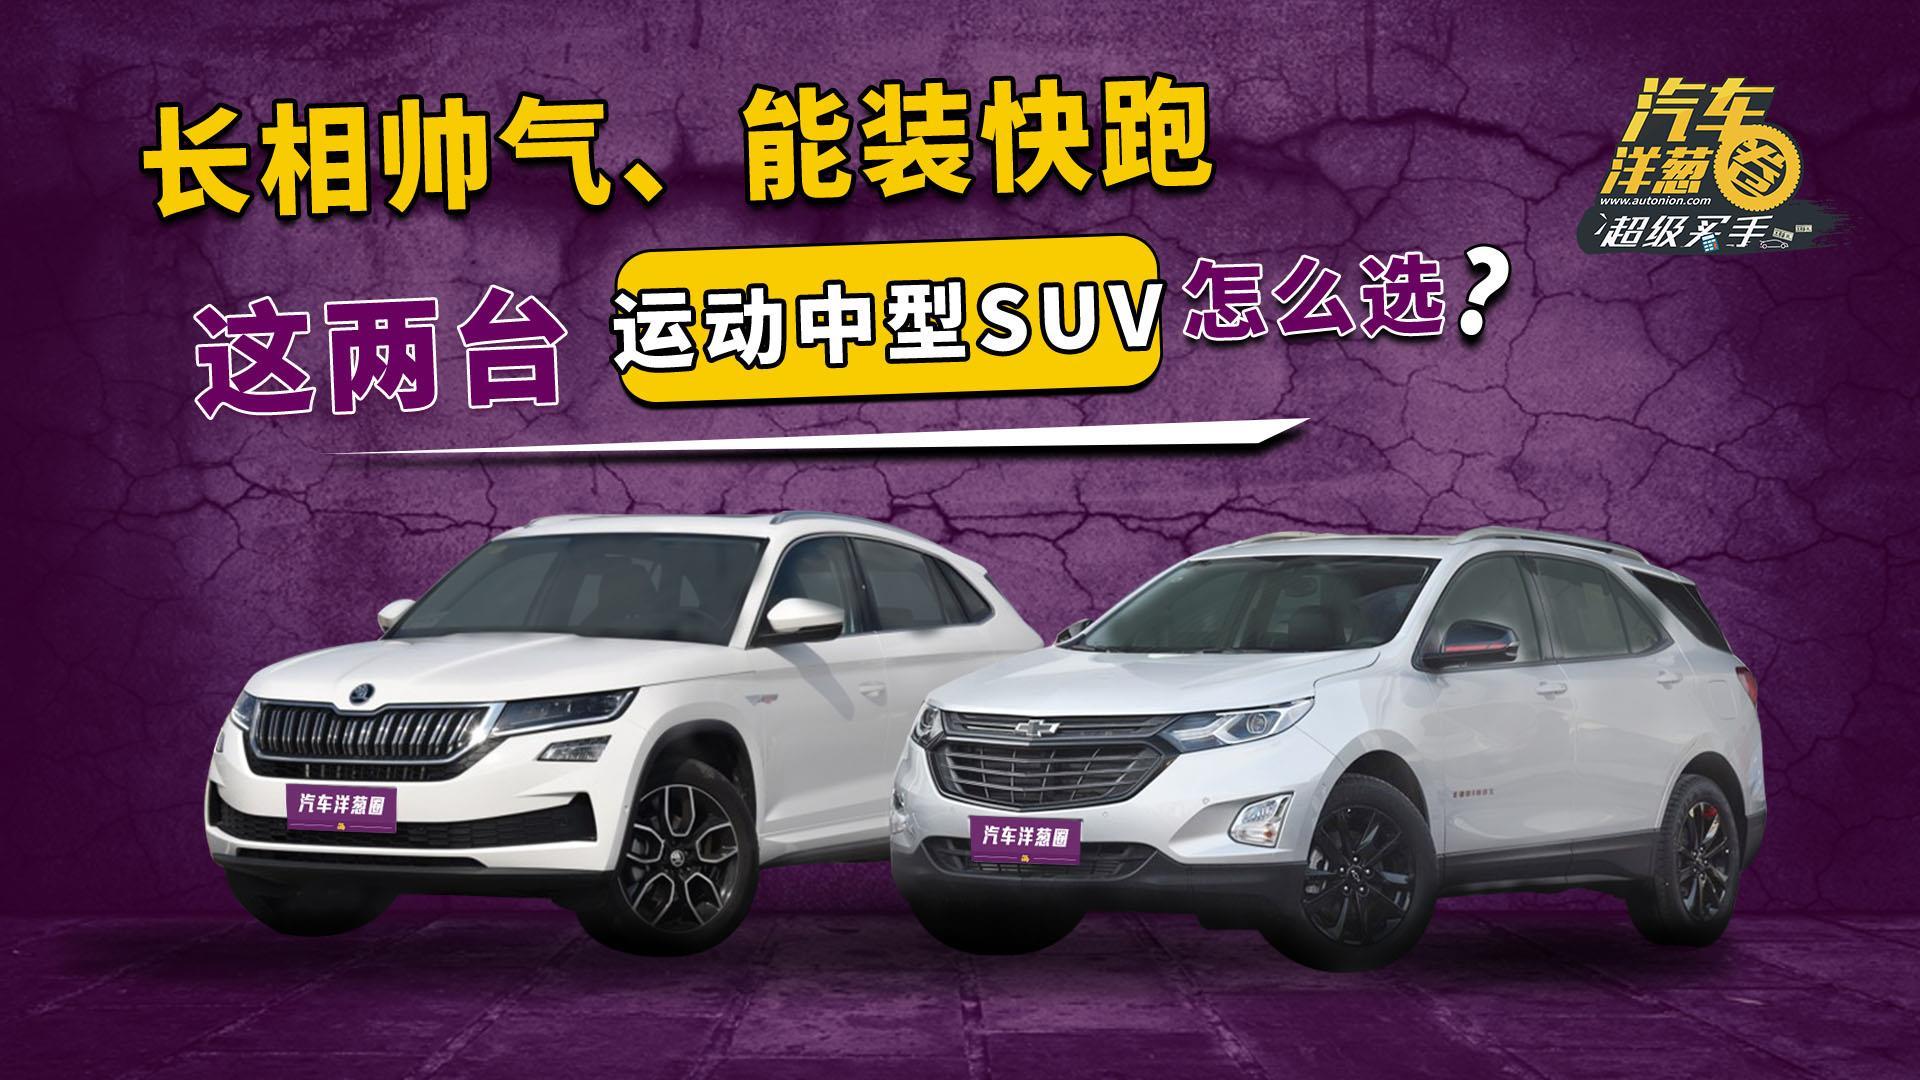 长得帅气、能装快跑!预算25万这俩中型SUV怎么选?